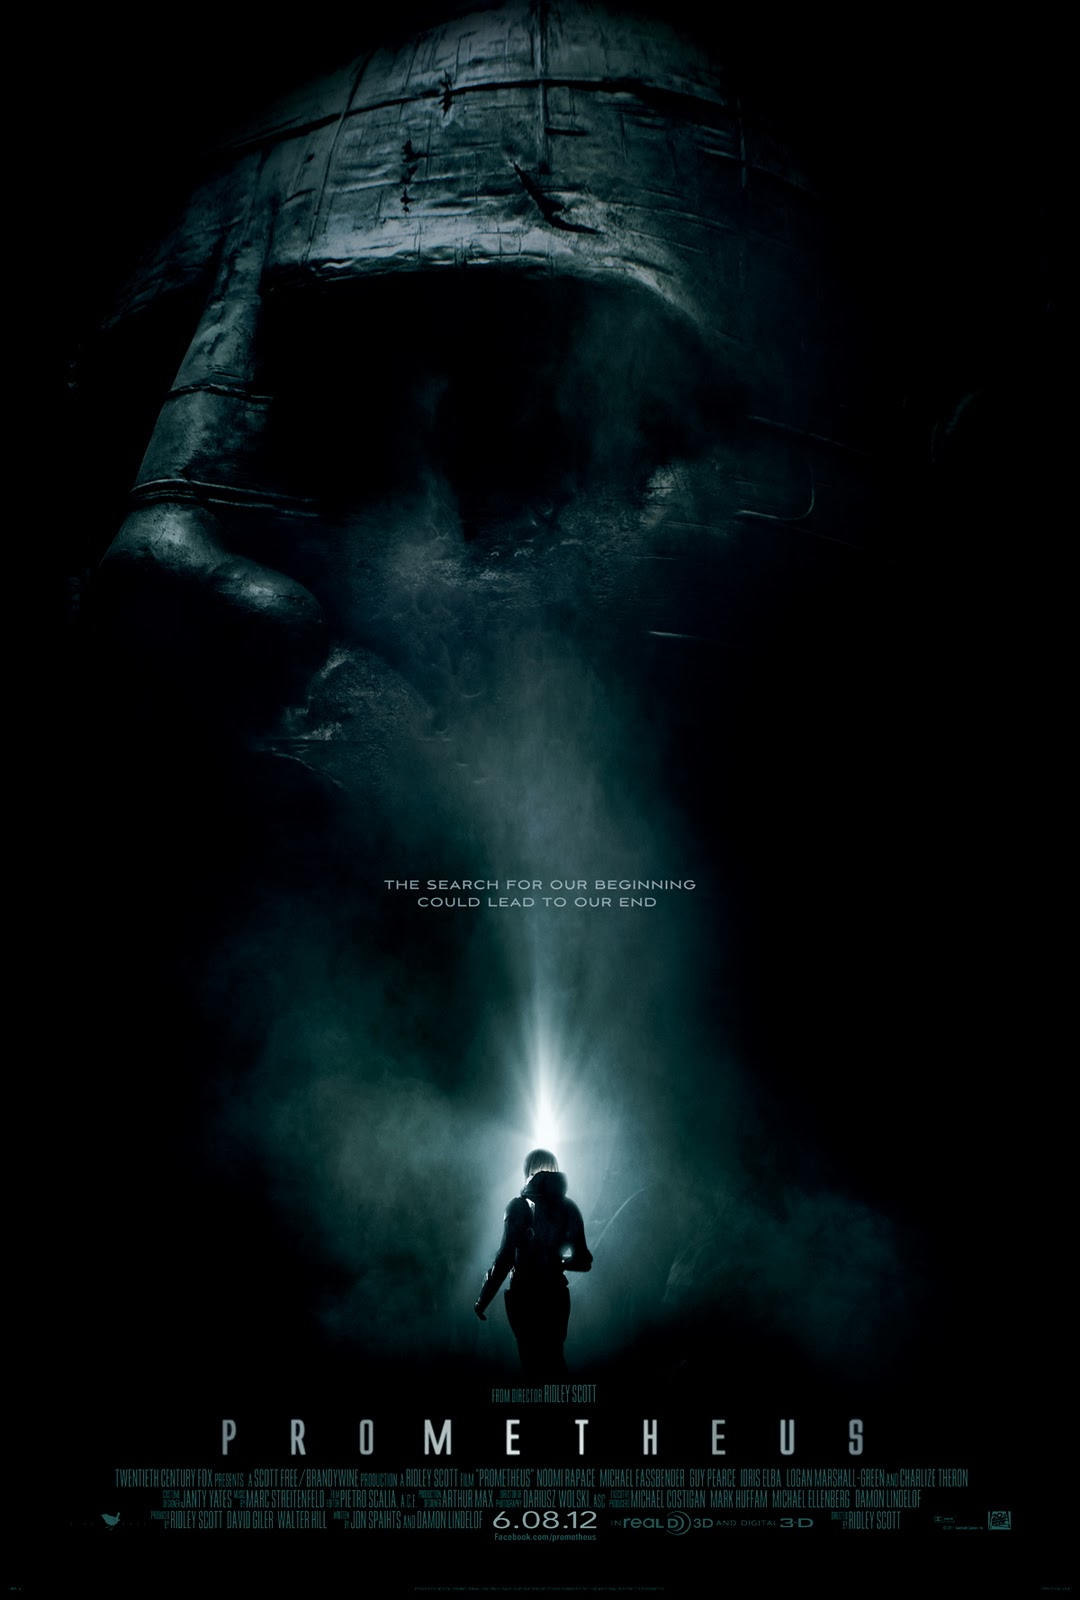 http://3.bp.blogspot.com/-yPYdixjyEfQ/T85kWaxzsXI/AAAAAAAAAVY/6ULE82DM50Y/s1600/Poster-Prometheus-affiche.jpg